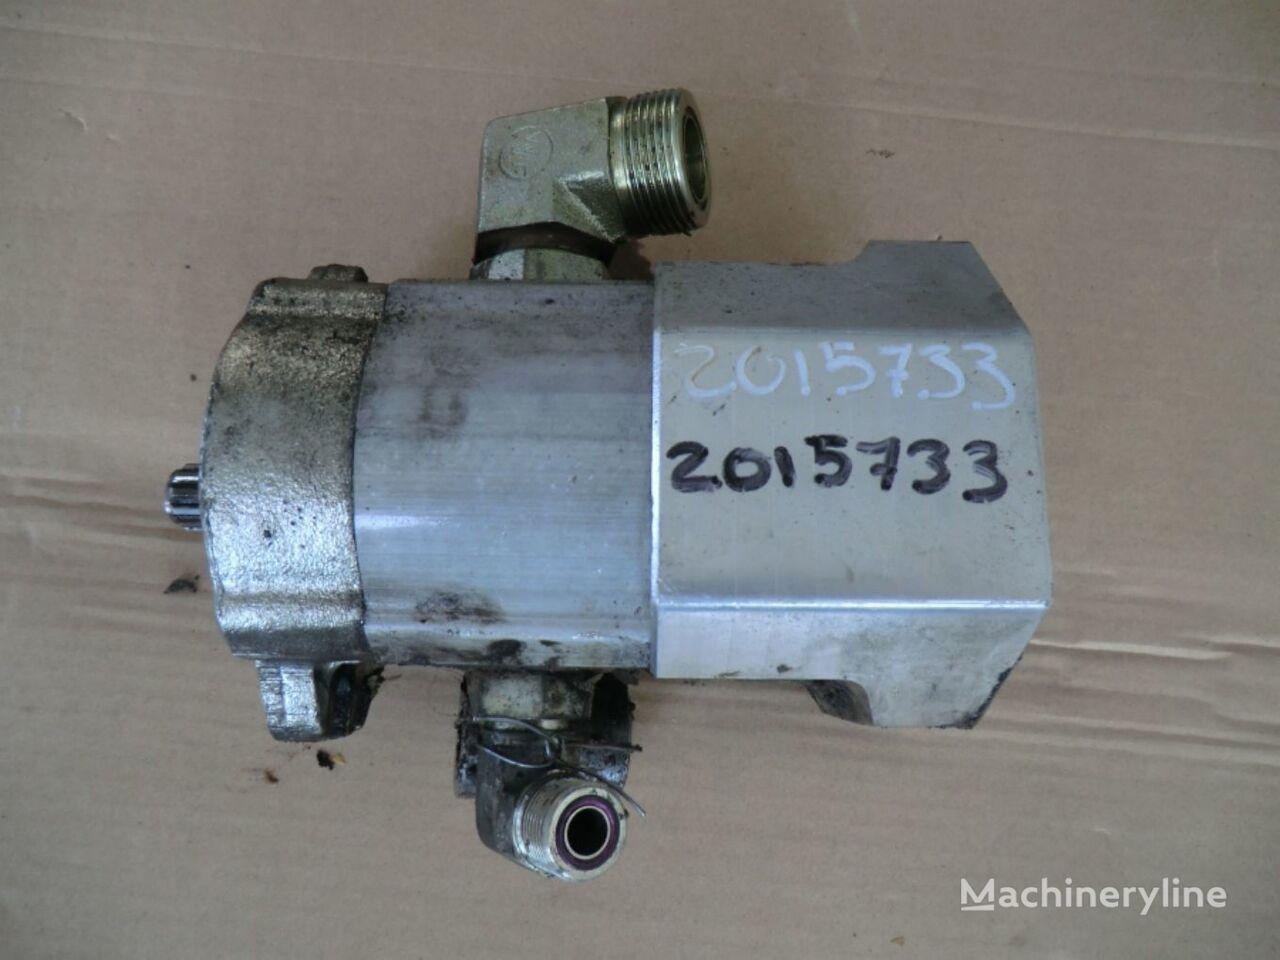 GEAR PUMP GP AWR00399 gear pump for CATERPILLAR 735 articulated dump truck